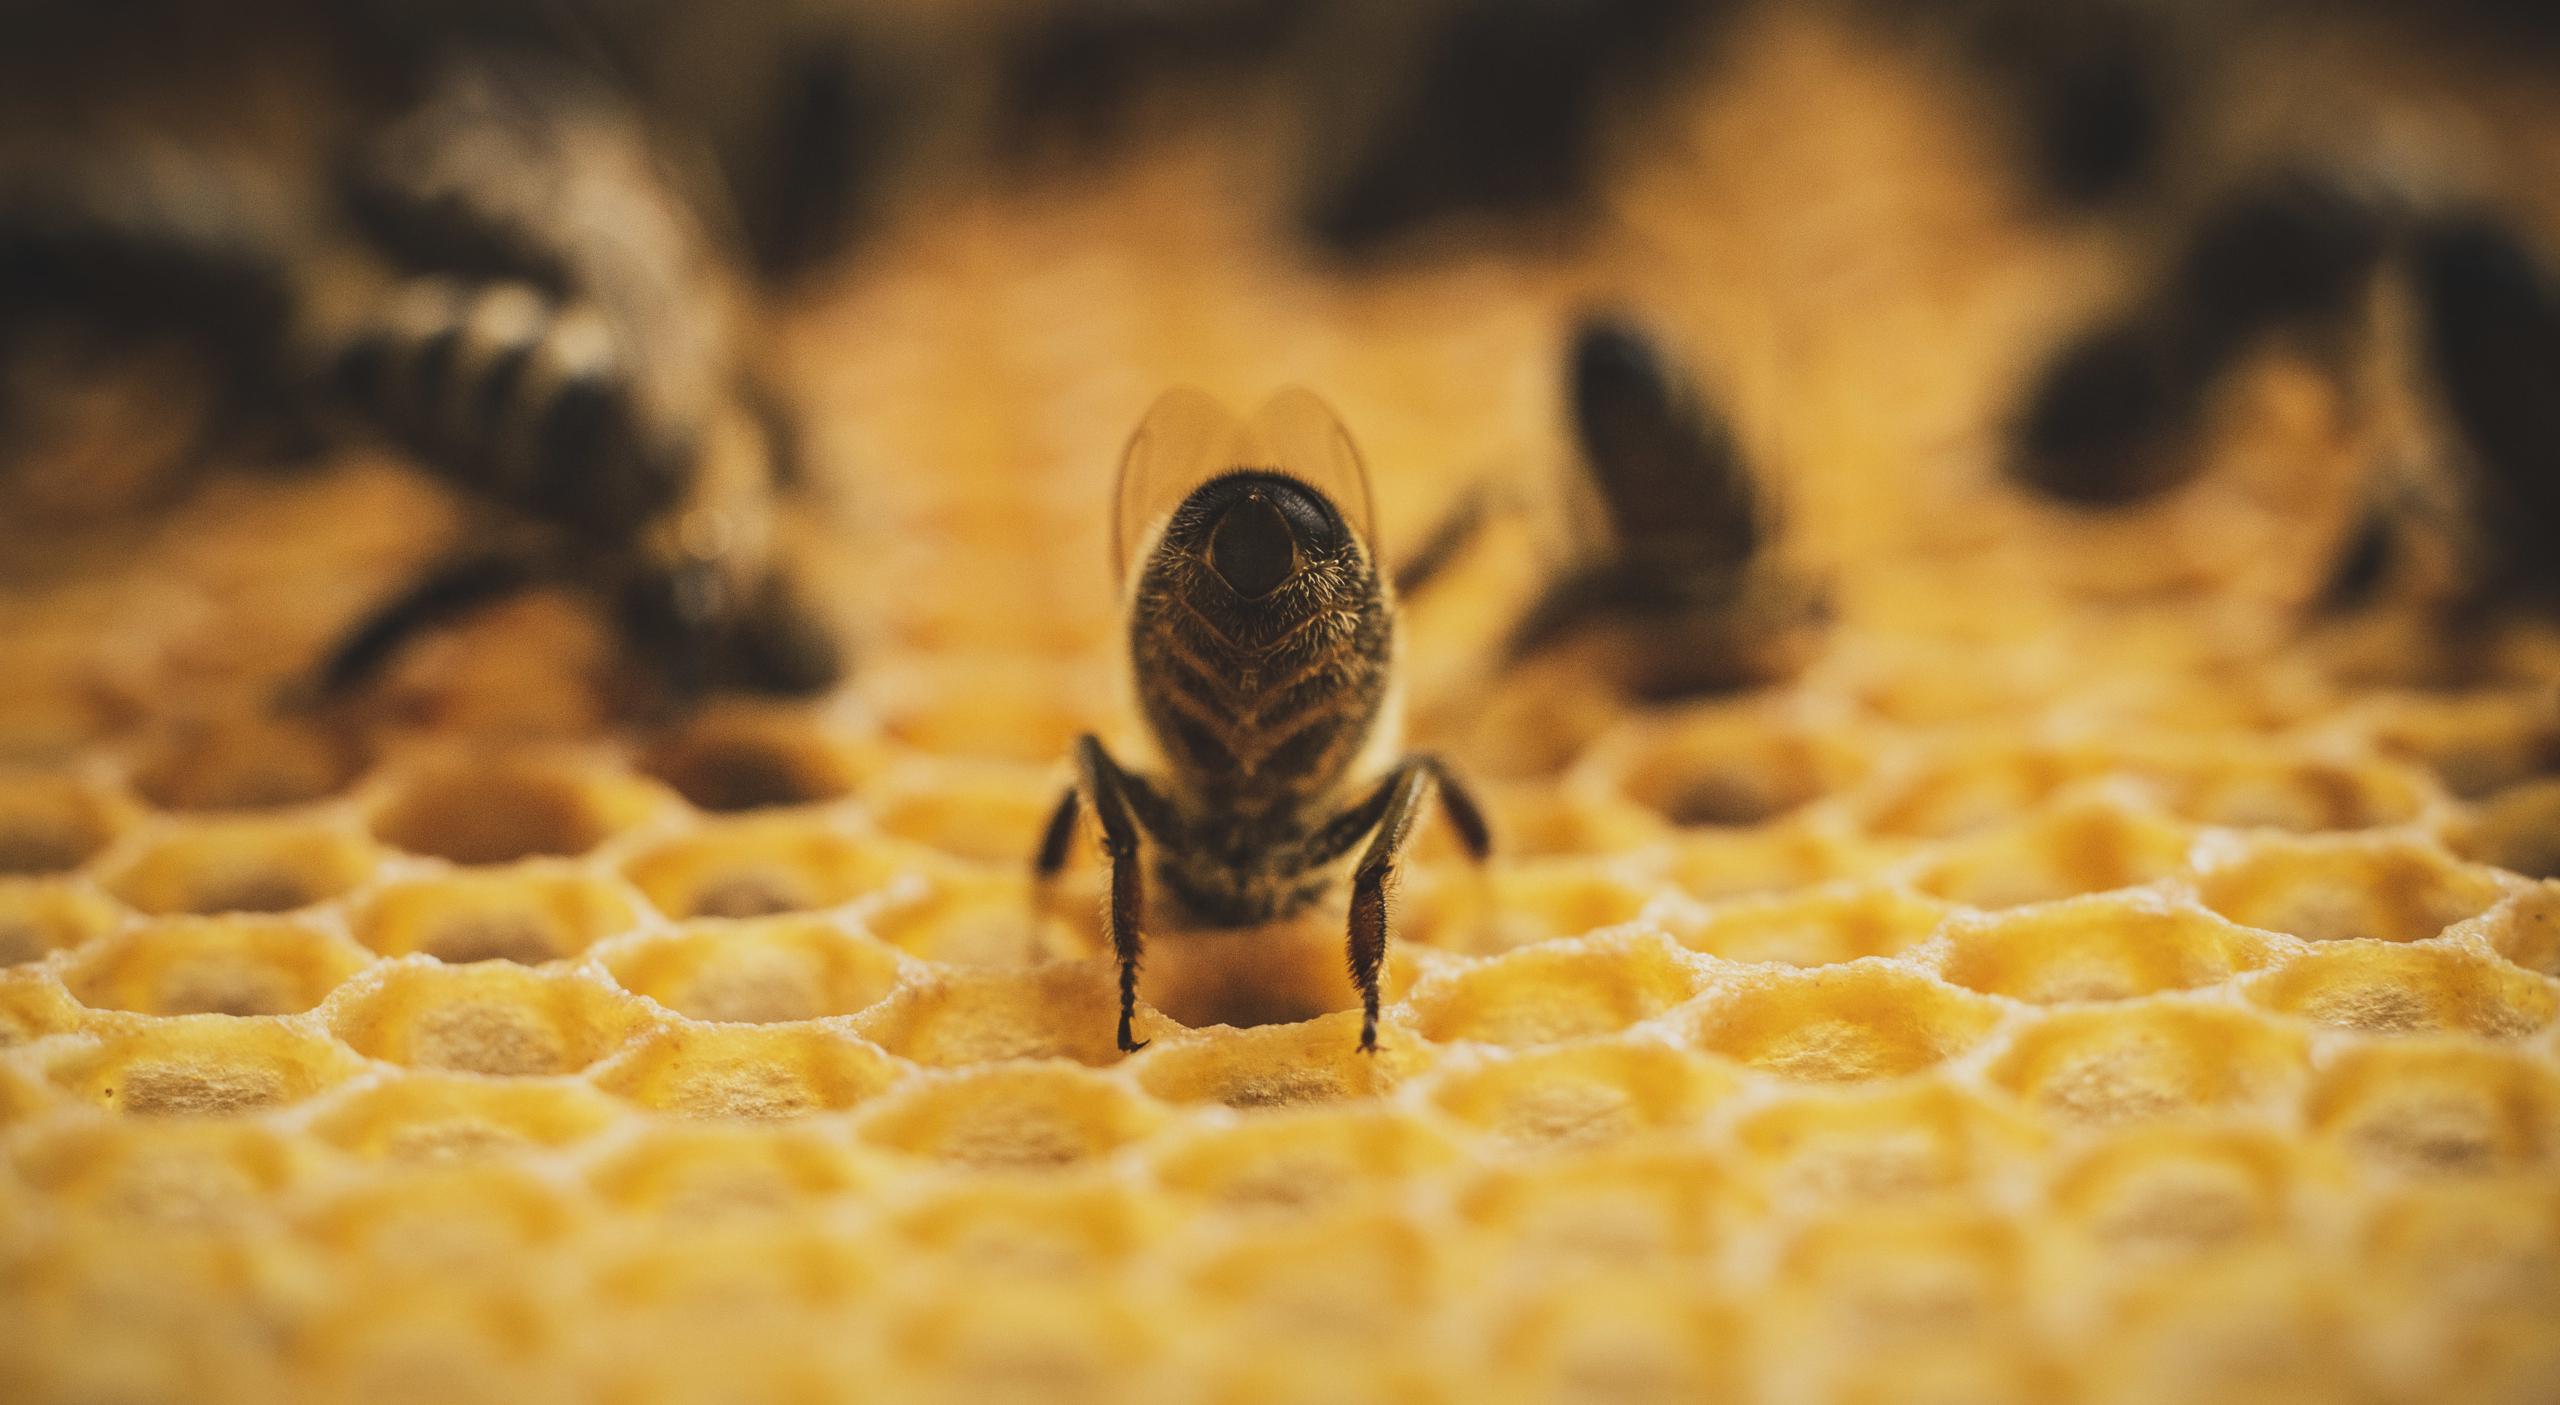 Bienen, Bees, Imker, beekeeper, rettet die bienen, save the bees, bienenfreundlich, Honigernte, Honig schleudern, Honigbiene, honeybee, honey, honig, homemade, local honey